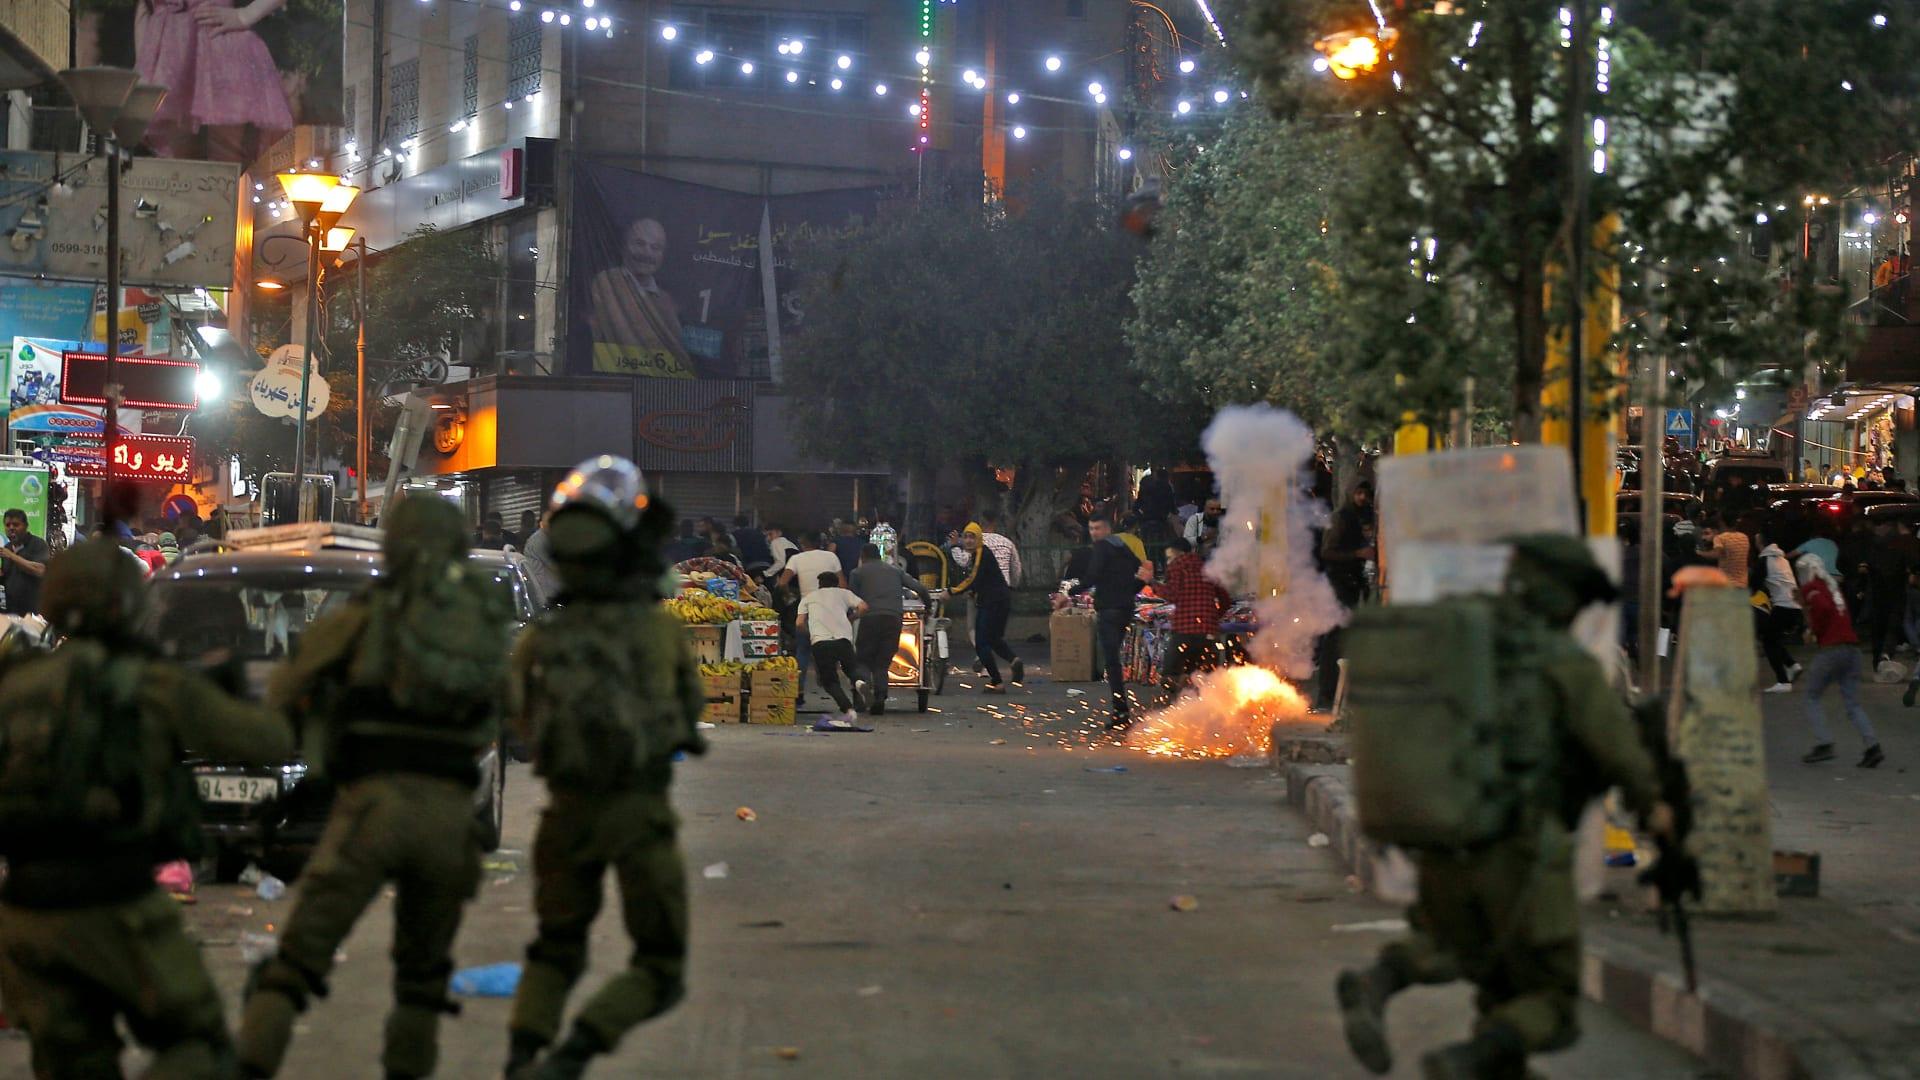 اشتباكات بين فلسطينيين وقوات الأمن الإسرائيلية في وسط مدينة الخليل بالضفة الغربية